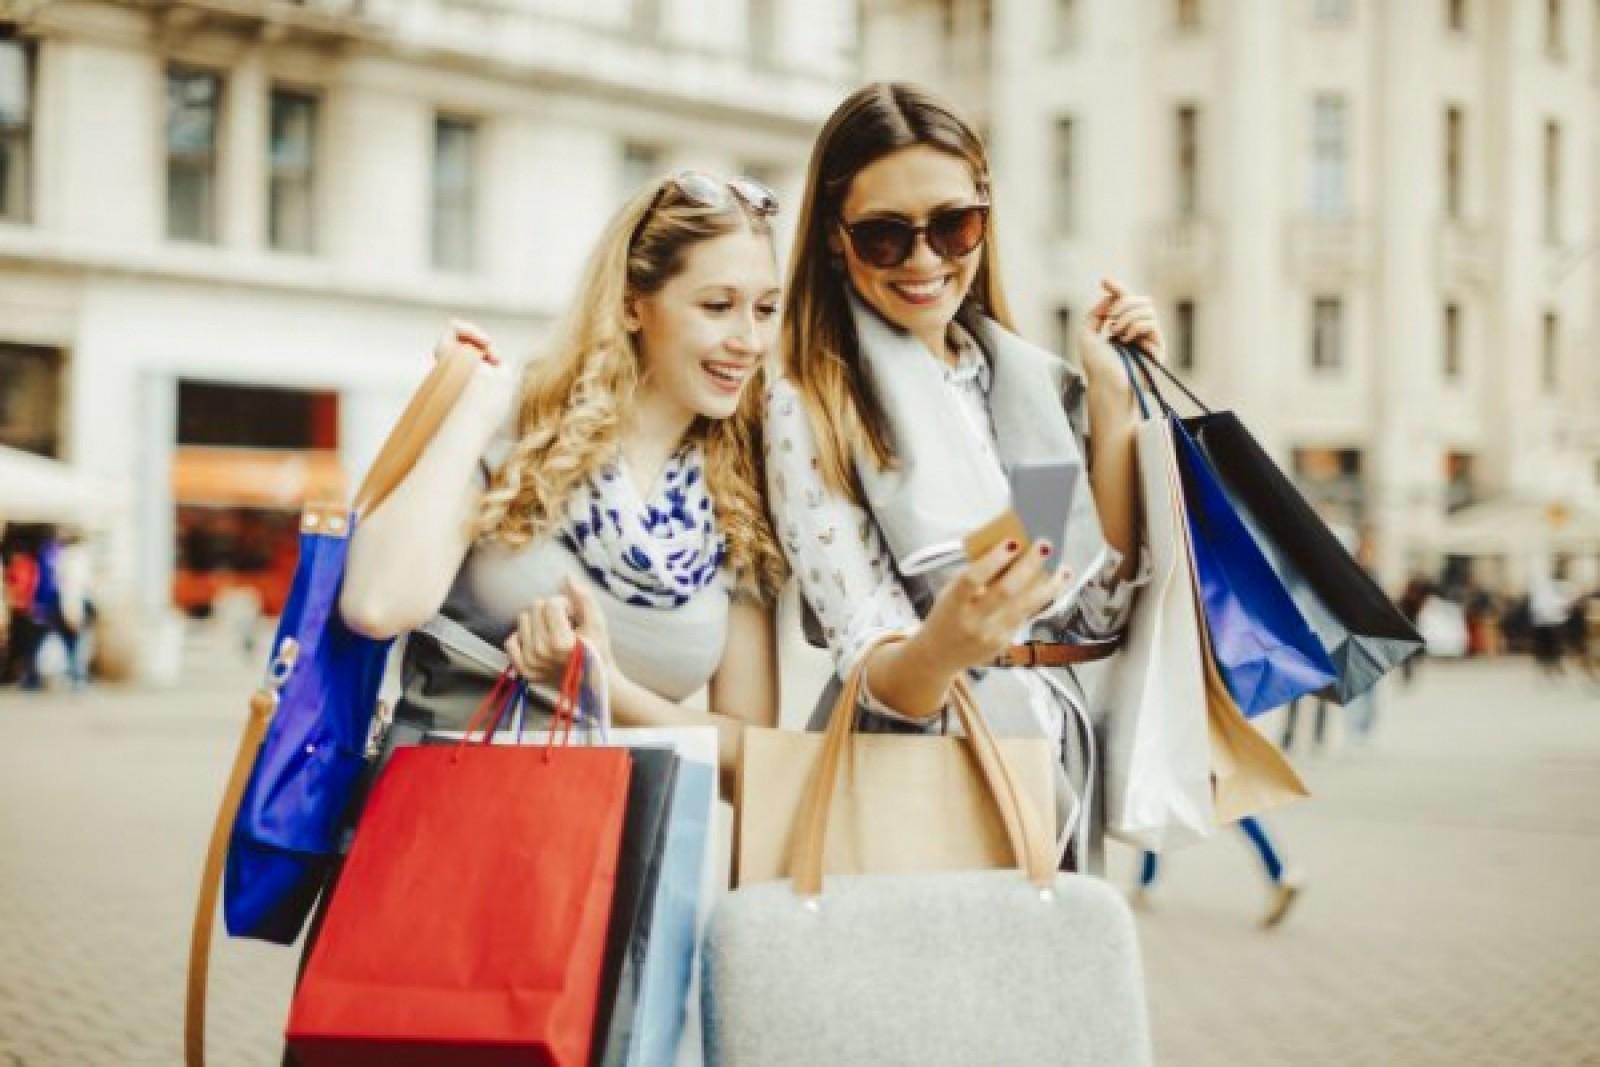 Nu te grăbi: Cinci lucruri de luat în considerare înainte să îți cumperi haine noi